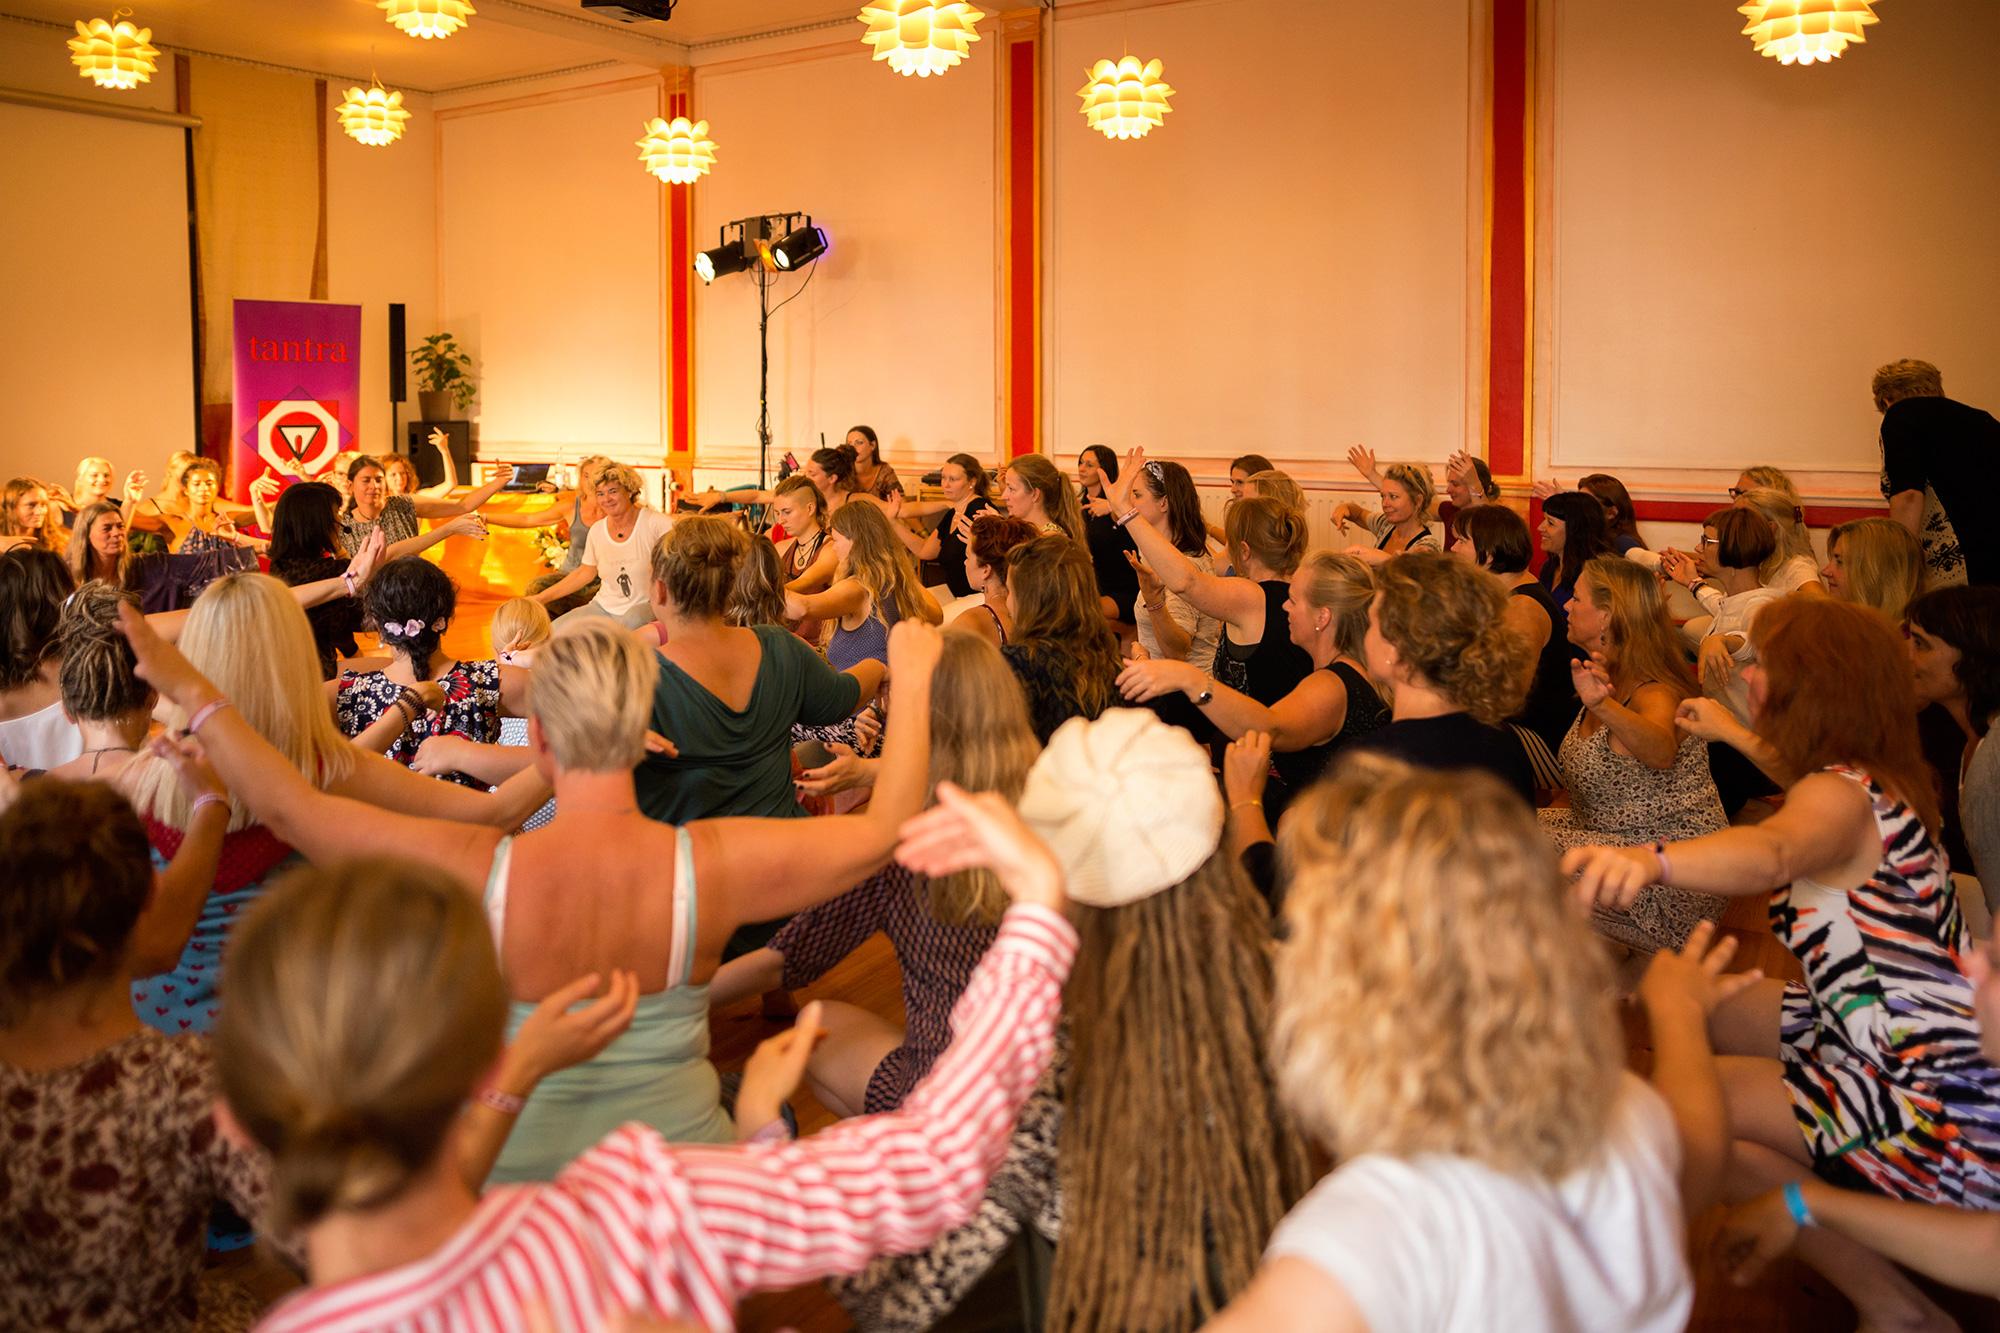 bodybody massage københavn luder i aarhus